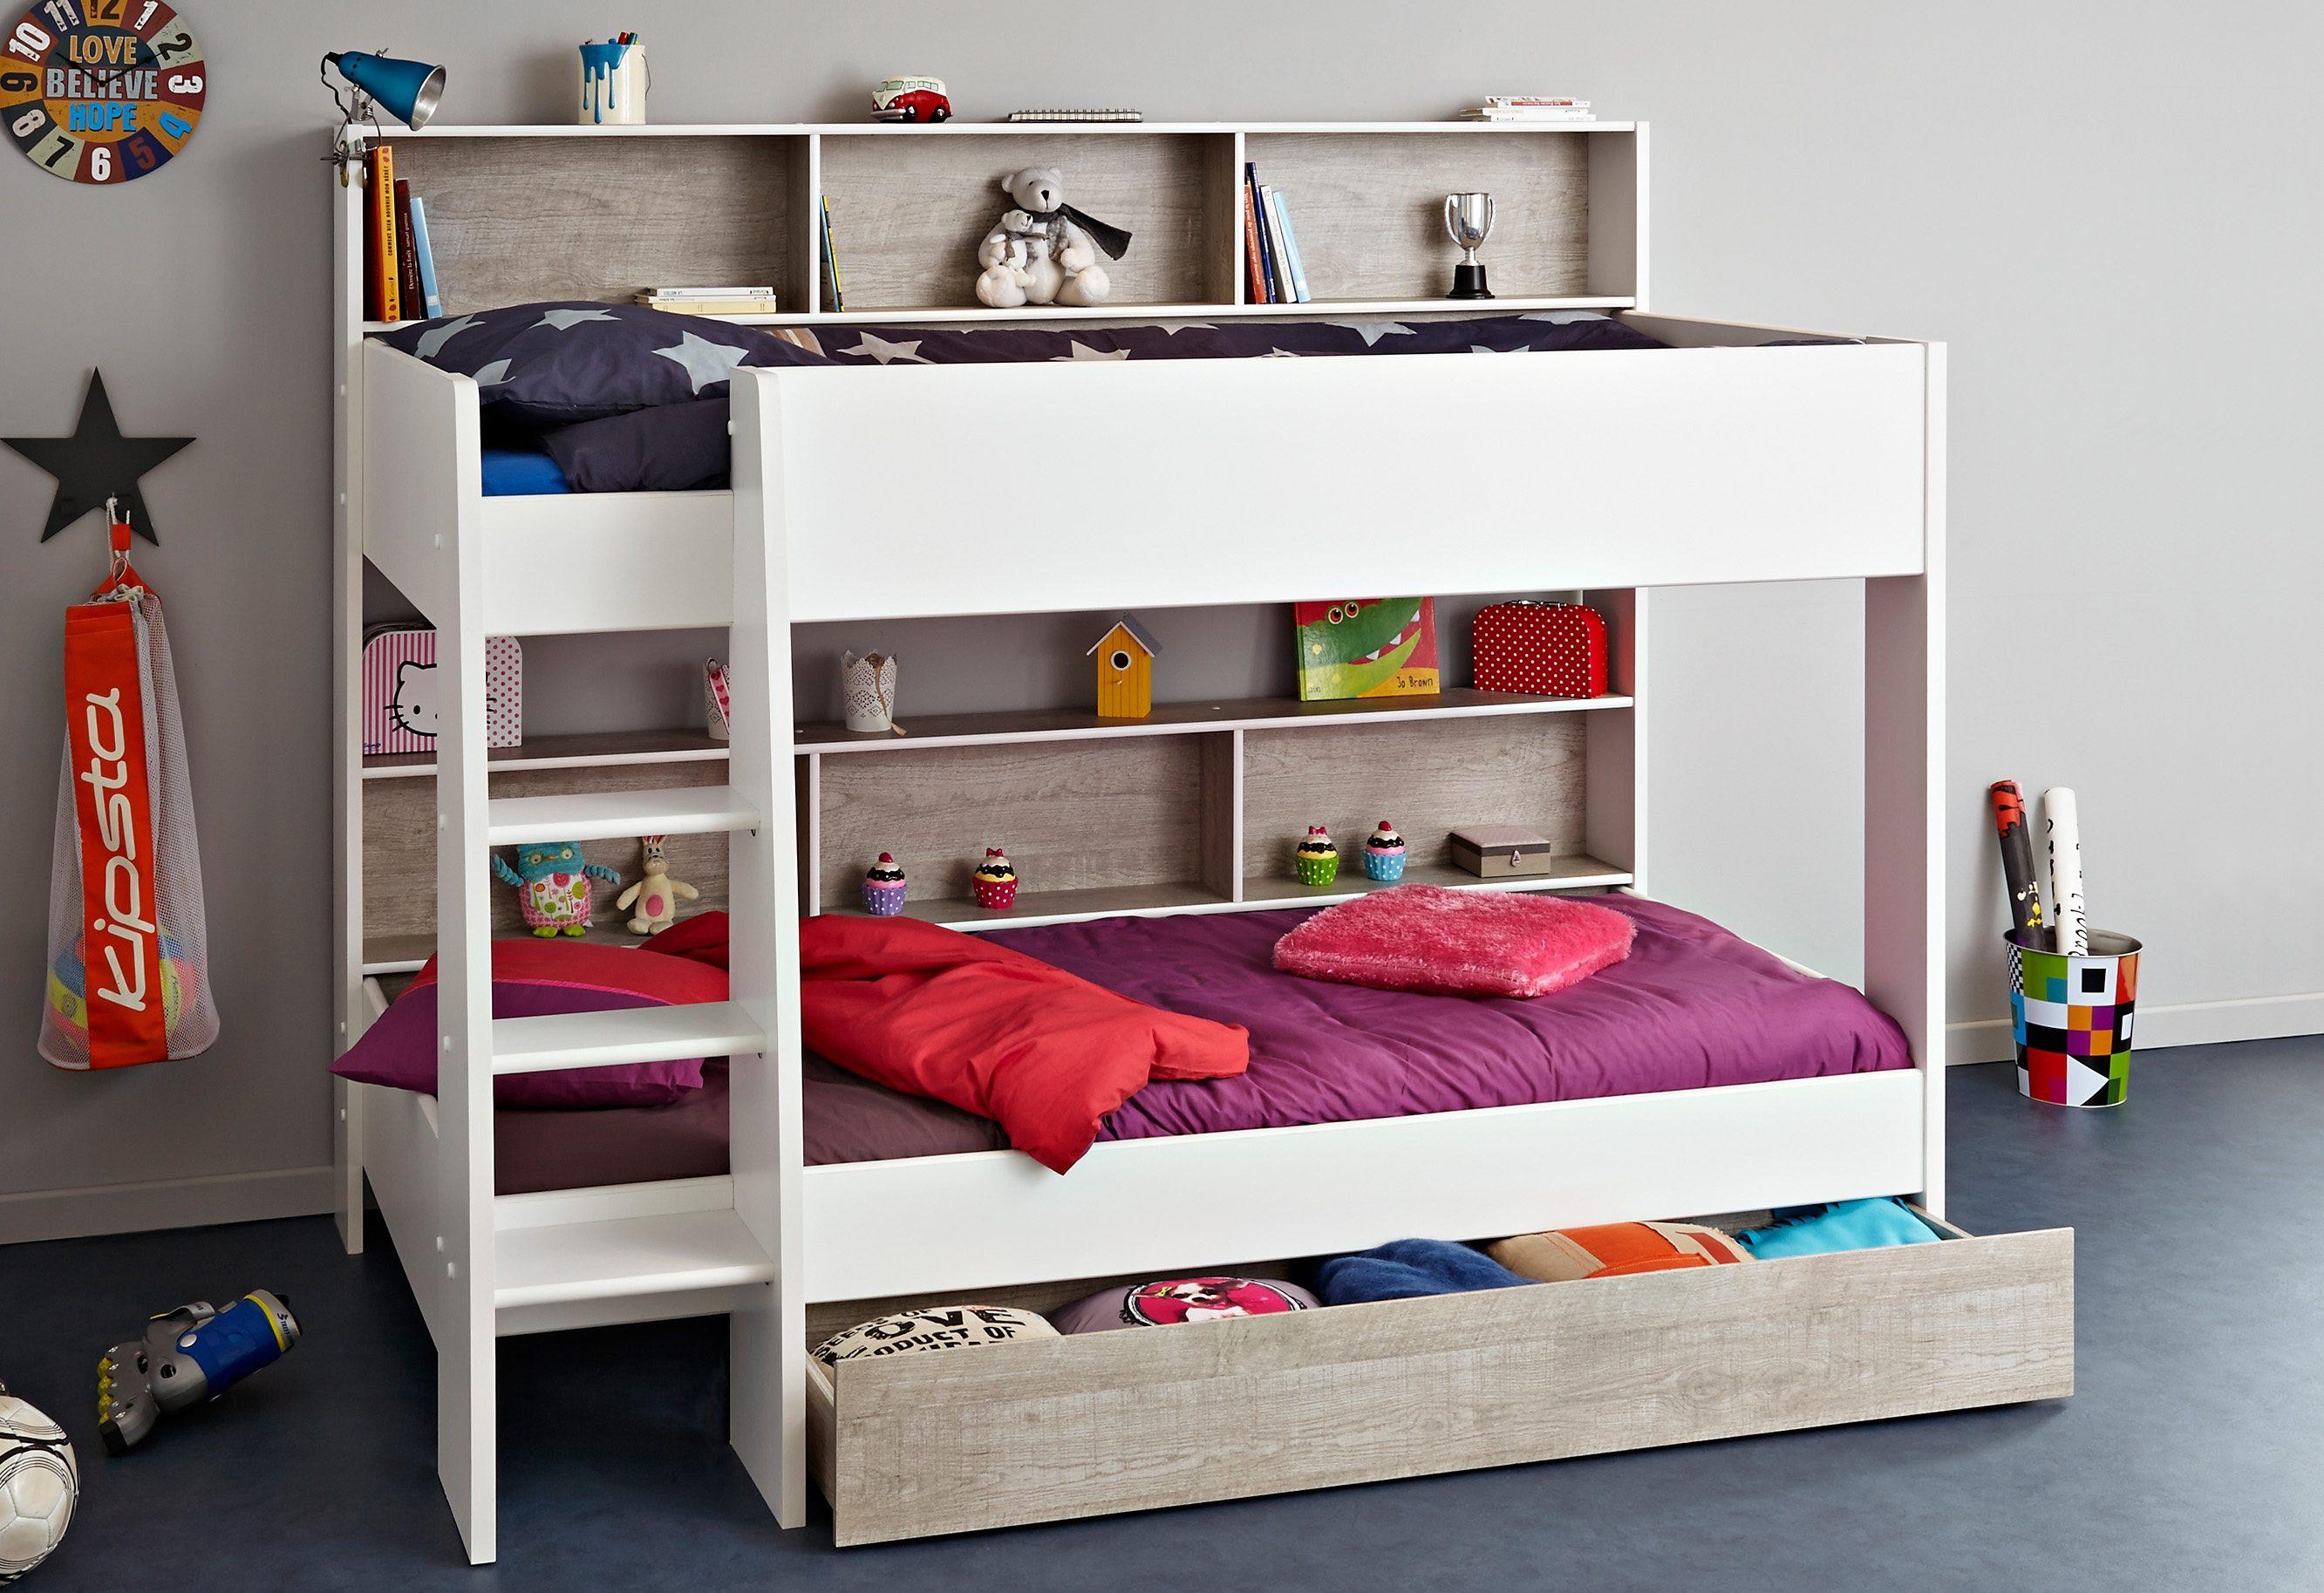 Etagenbett Für Zwei Kinder : Etagenbett max u ac kinder kinderbabybett